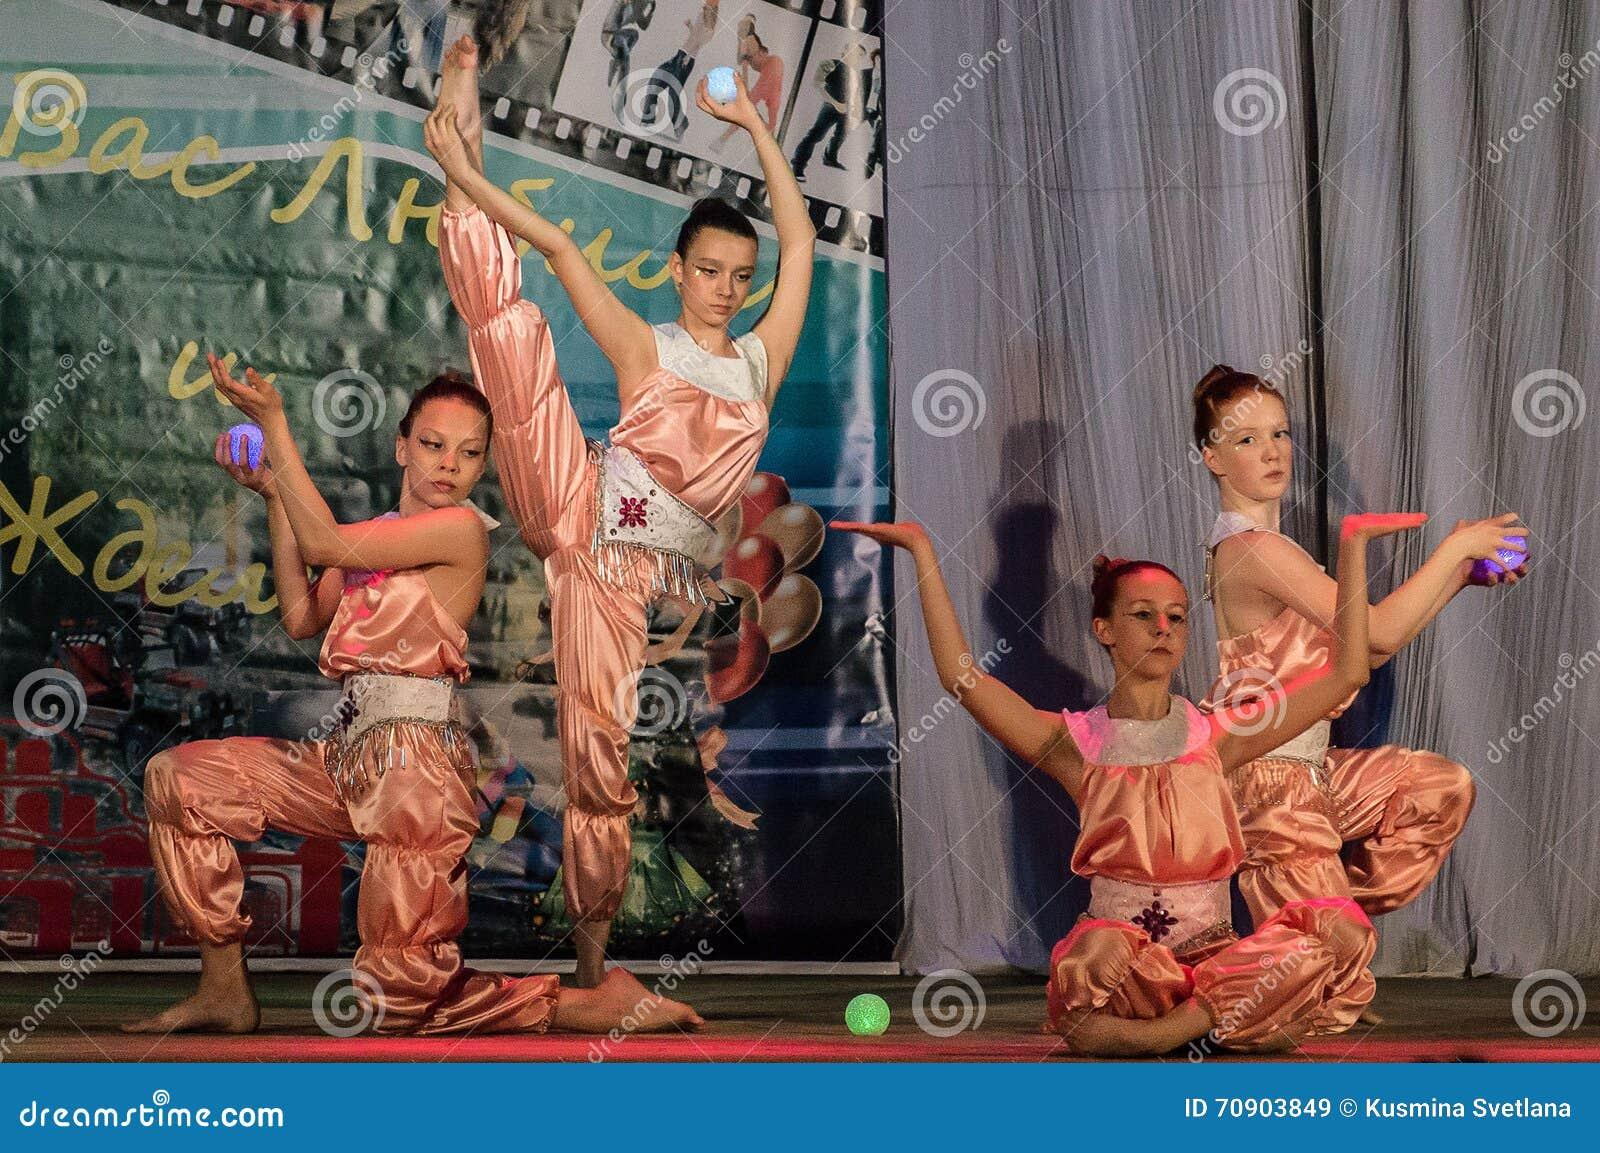 Dancing in Kaluga 50